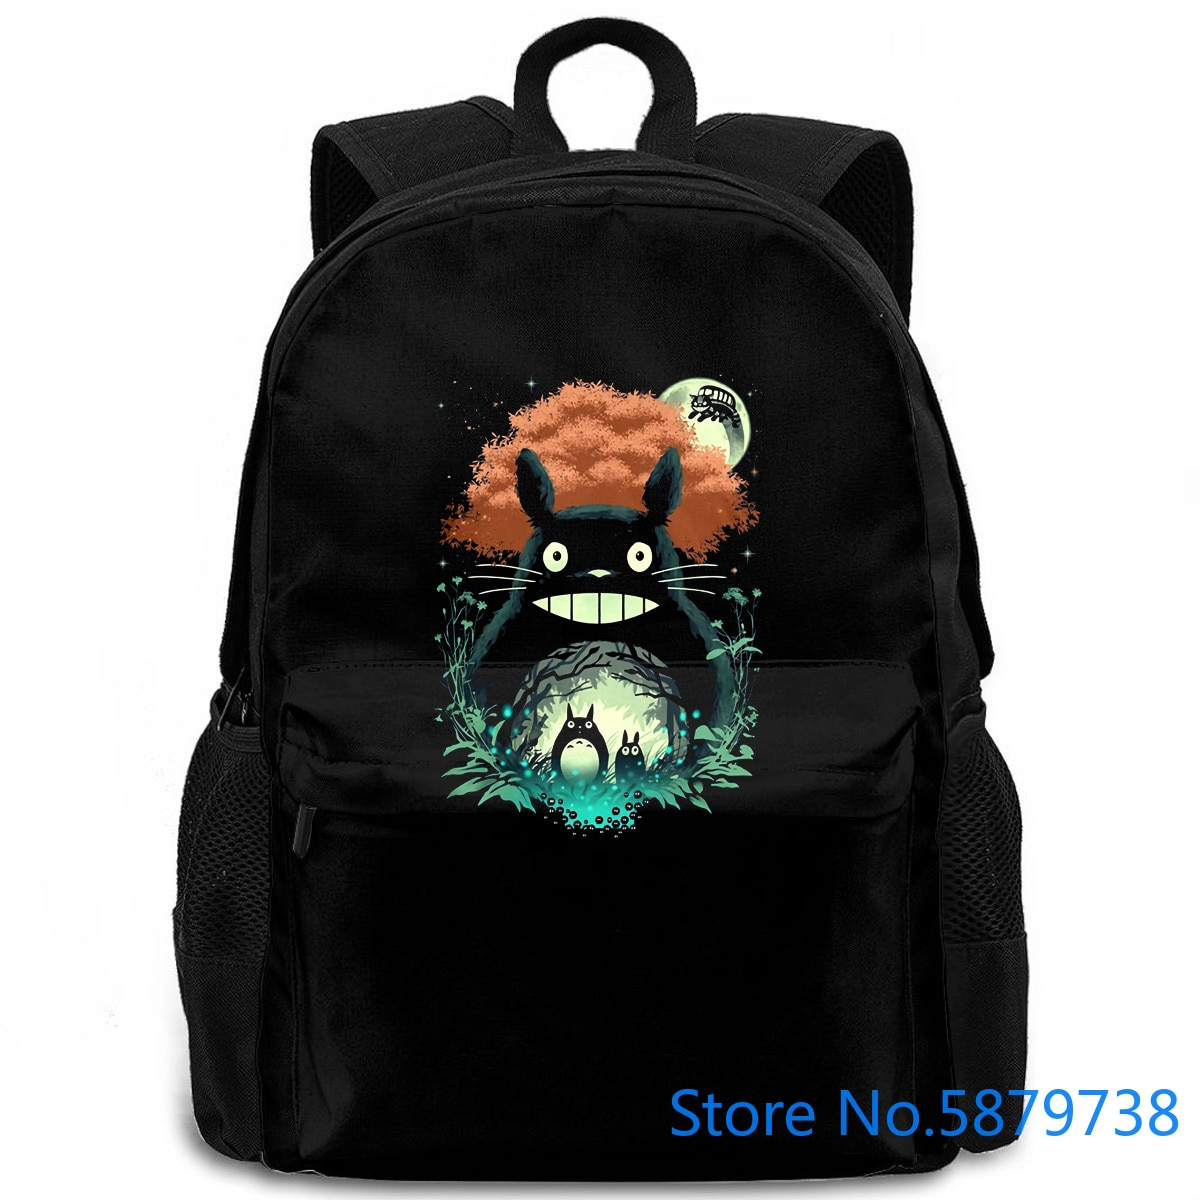 Totoro Art , Studio Ghibli Anime, diseño All s dibujos animados mujeres hombres mochila portátil viaje escuela estudiante adulto